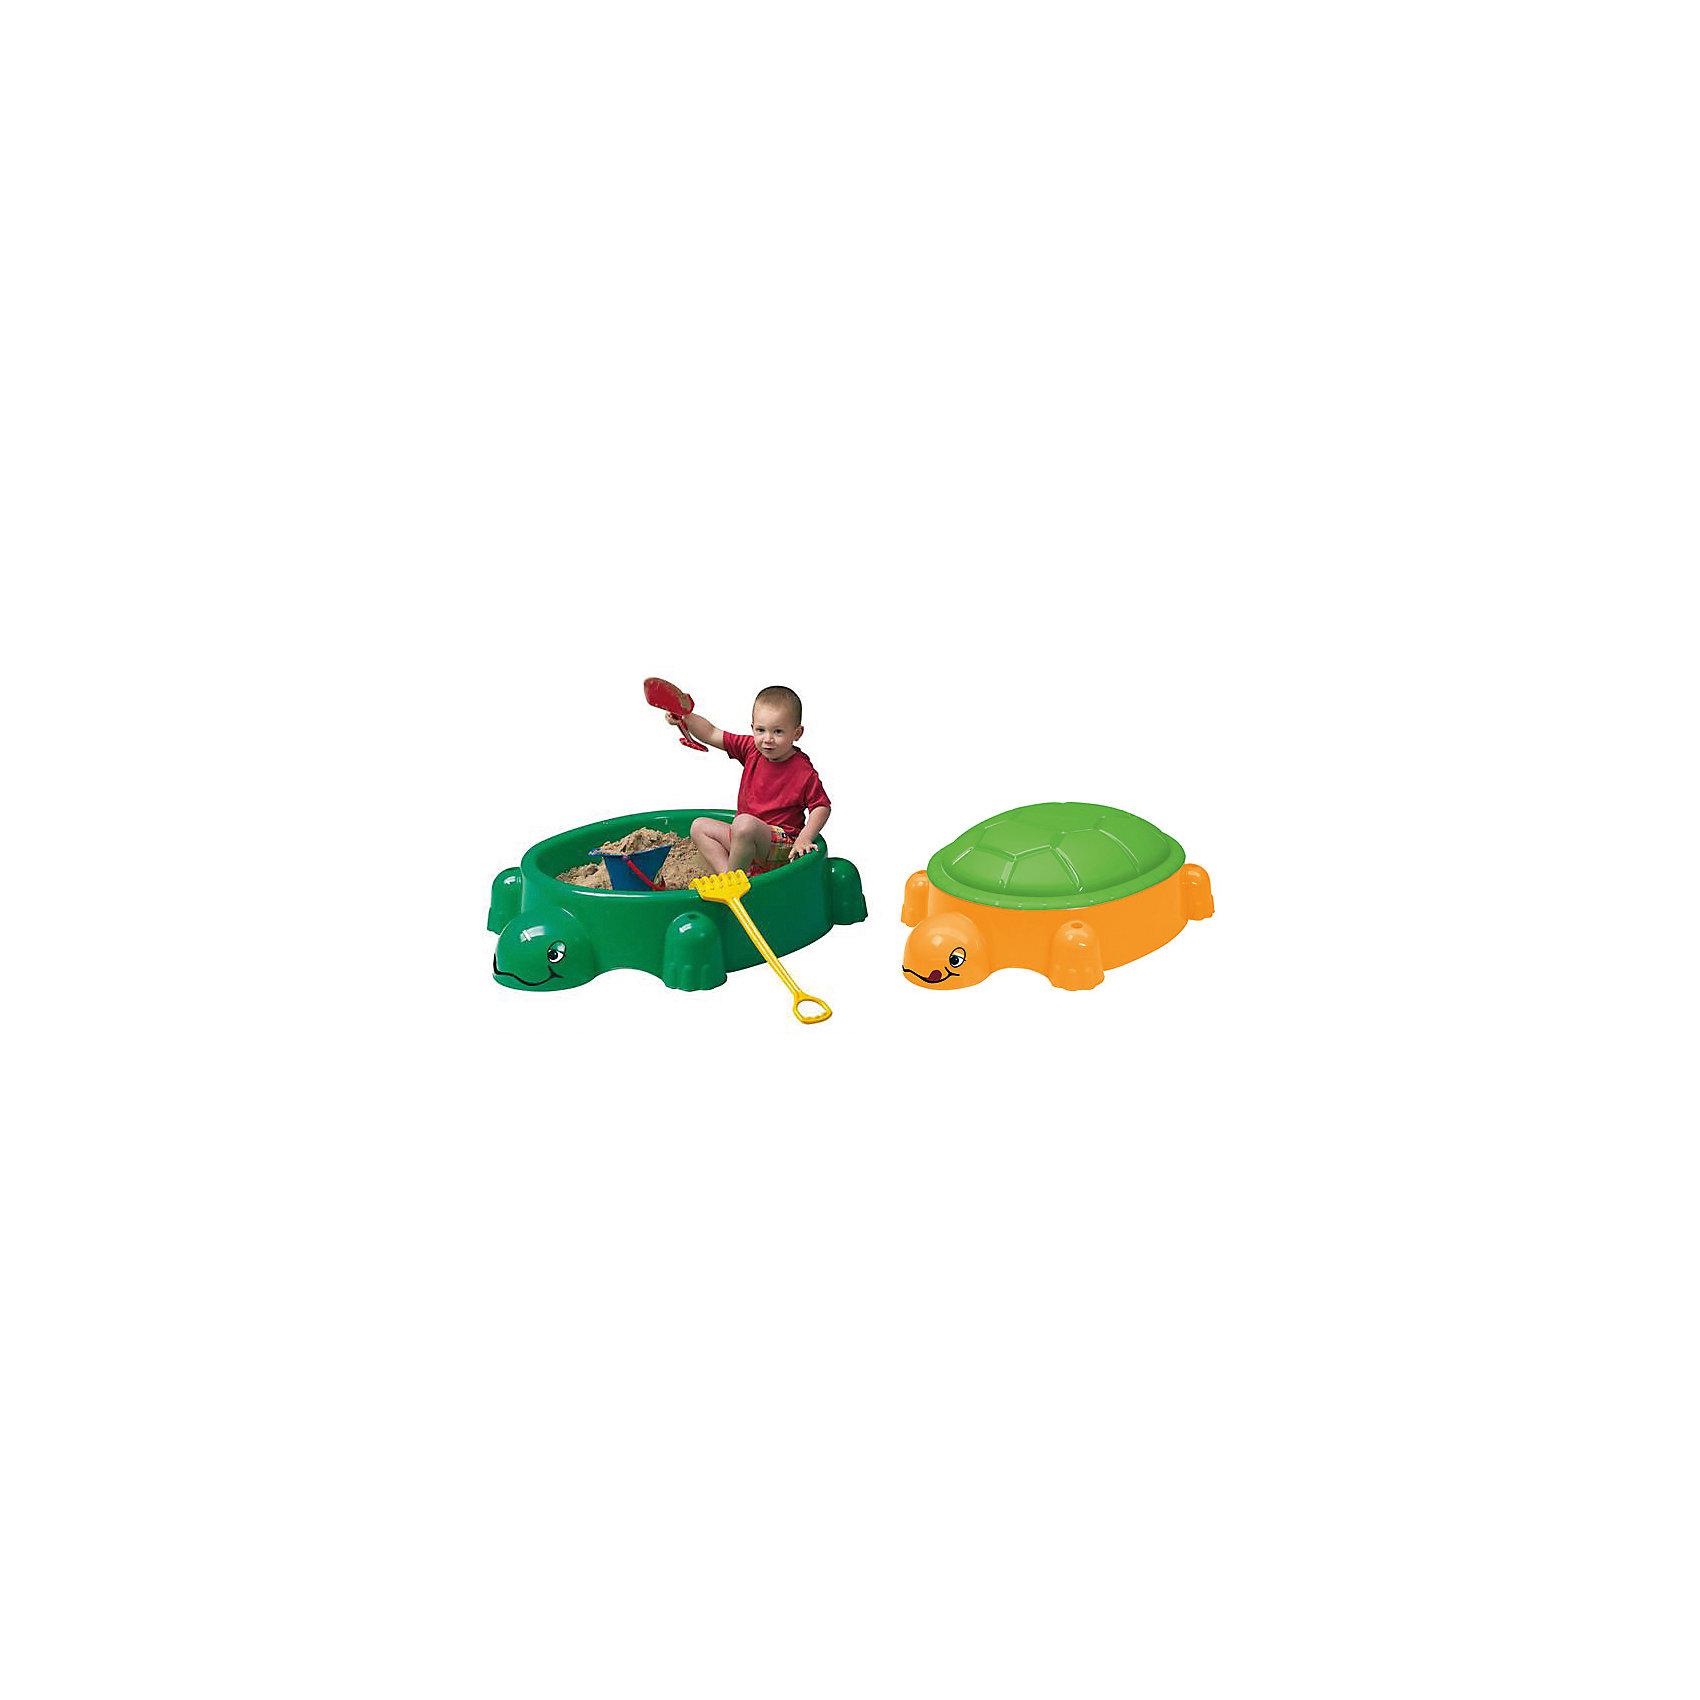 Песочница с крышкой Черепаха, PARADISOУдобная симпатичная песочница позволит малышу играть с чистым песком. Крышка защитит песок от загрязнений и дождя. Это - идеальный вариант для летнего отдыха на даче и огромные возможности для самых разных игр! С помощью нее ребенок сможет выплескивать свою энергию в безопасном виде физической активности.<br>Песочница выполнена в виде черепахи в яркой расцветке, она произведена из высококачественных материалов. Эти материалы безопасны для ребенка. Песочница предназначена для детишек от года. Она легкая, компактная и безопасная. <br><br>Дополнительная информация:<br><br>цвет: зеленый;<br>прочная и легкая конструкция;<br>высококачественные материалы (пластик);<br>размер: 115х83х35 см.<br><br>Песочницу с крышкой Черепаха от марки PARADISO можно купить в нашем магазине.<br><br>Ширина мм: 1150<br>Глубина мм: 830<br>Высота мм: 350<br>Вес г: 5420<br>Возраст от месяцев: 12<br>Возраст до месяцев: 60<br>Пол: Унисекс<br>Возраст: Детский<br>SKU: 4715397